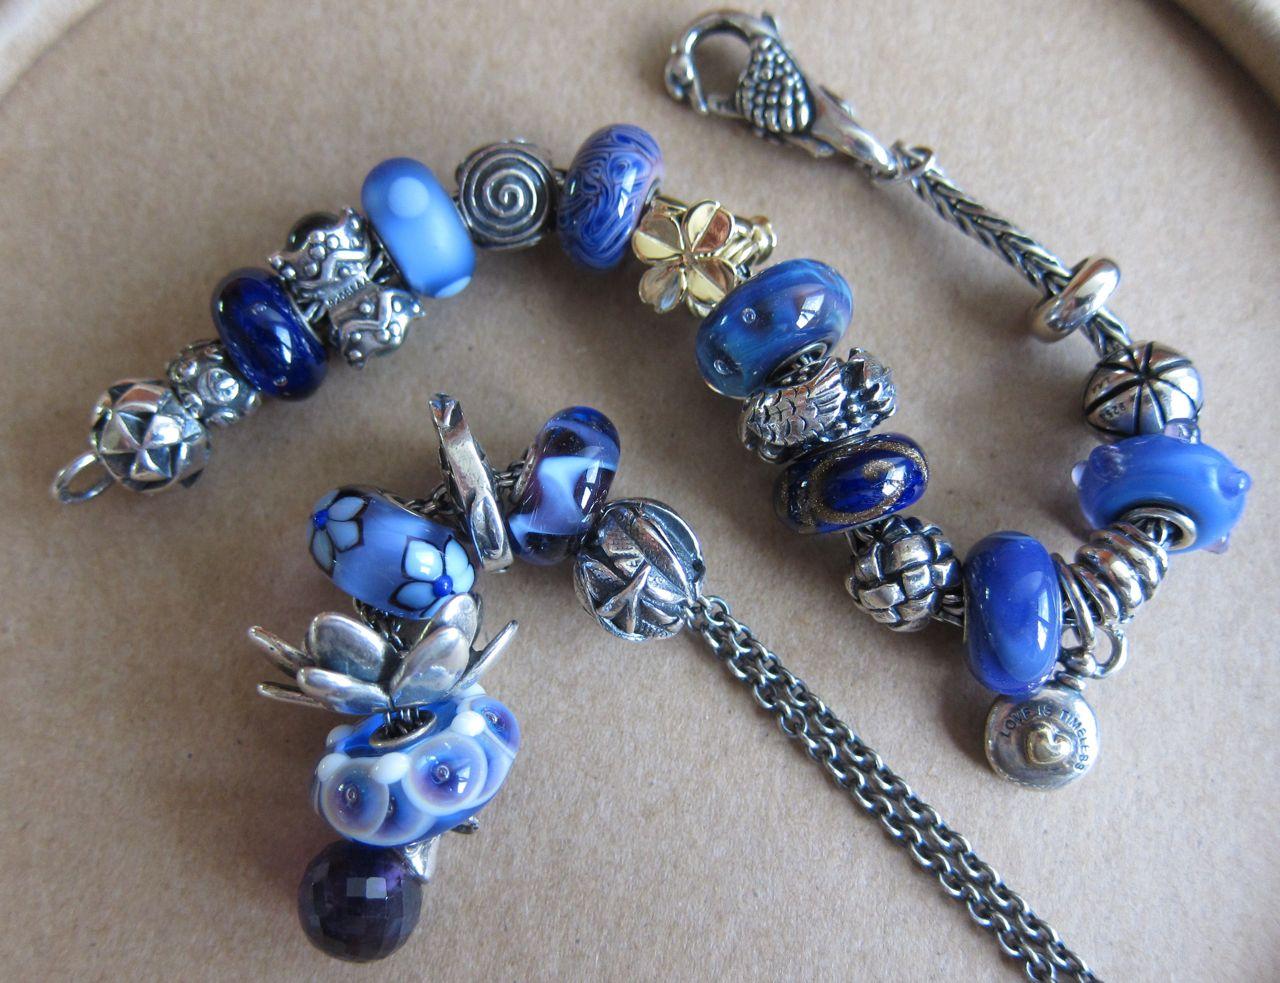 Show me your fantasy necklace! Dc60sc7a0eit0hz40